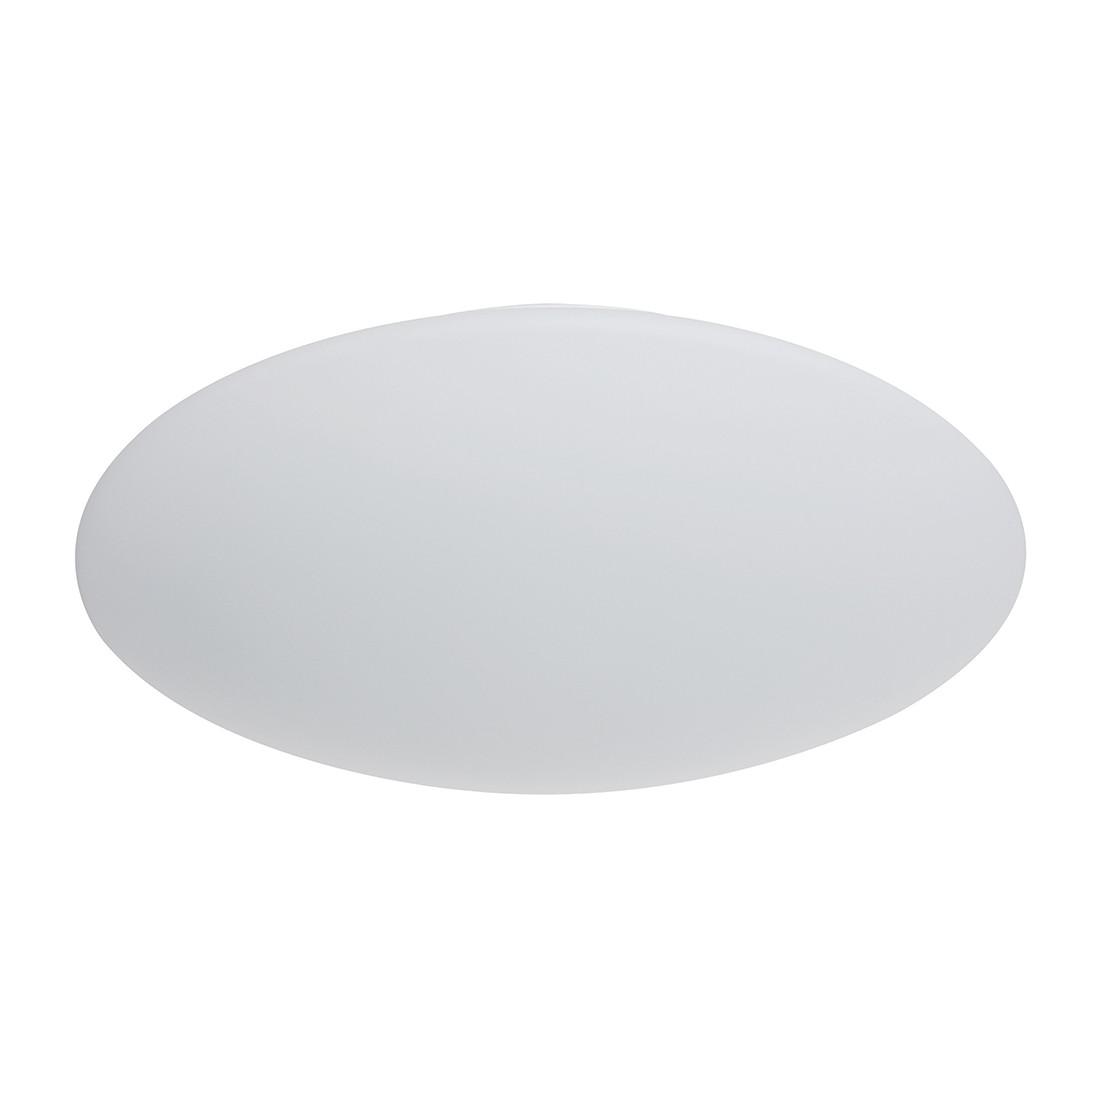 Deckenleuchte 3-flammig ● Weiß Ø 45cm- Steinhauer A++